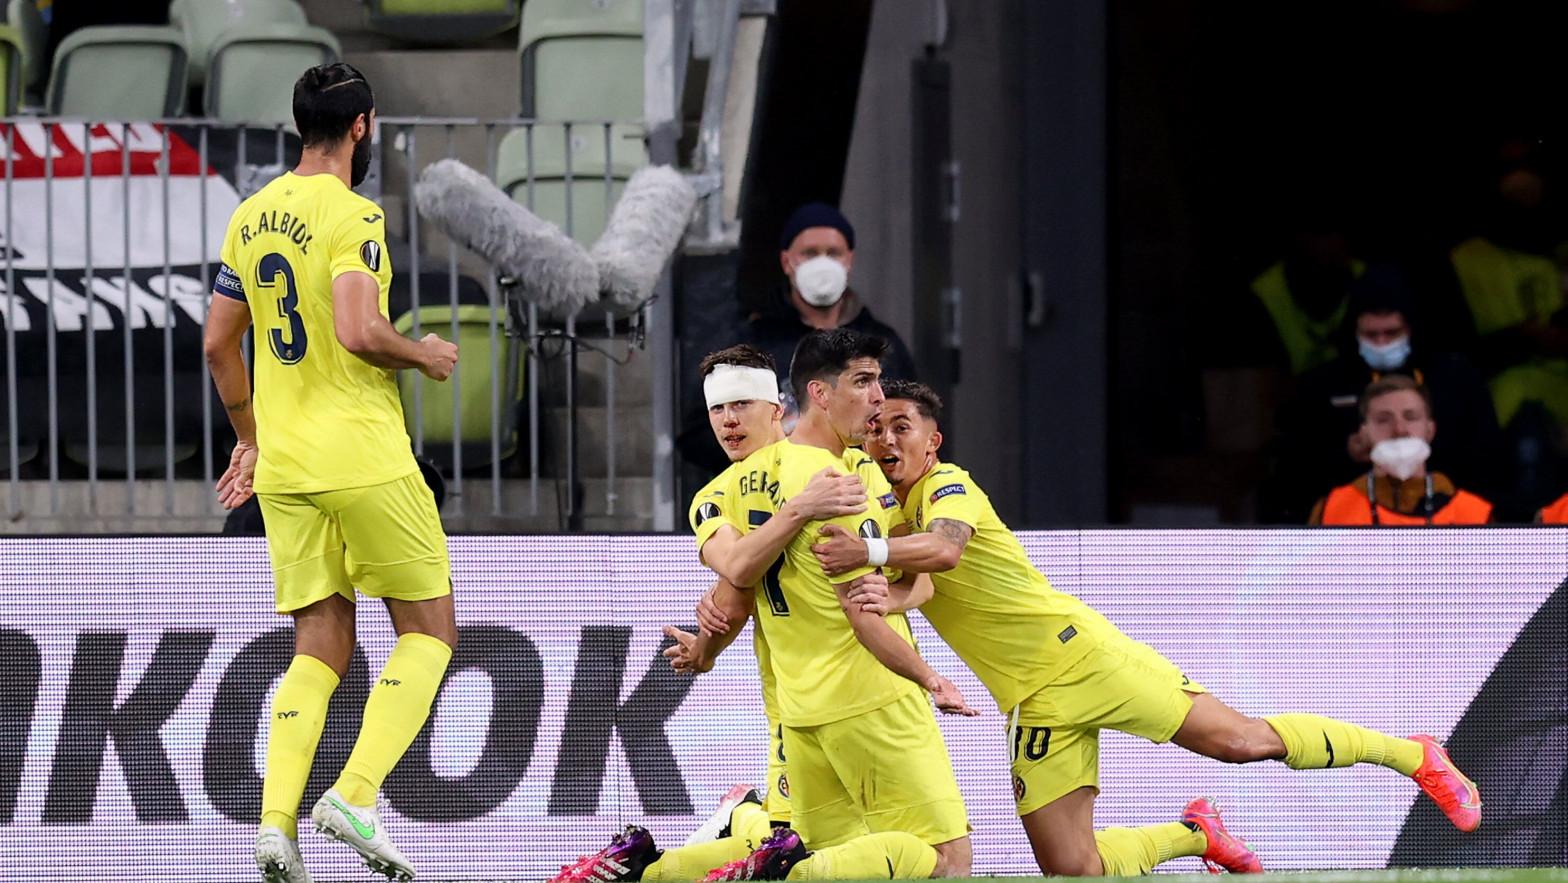 El Villarreal, campeón de la Liga Europa al vencer al Manchester United en los penaltis